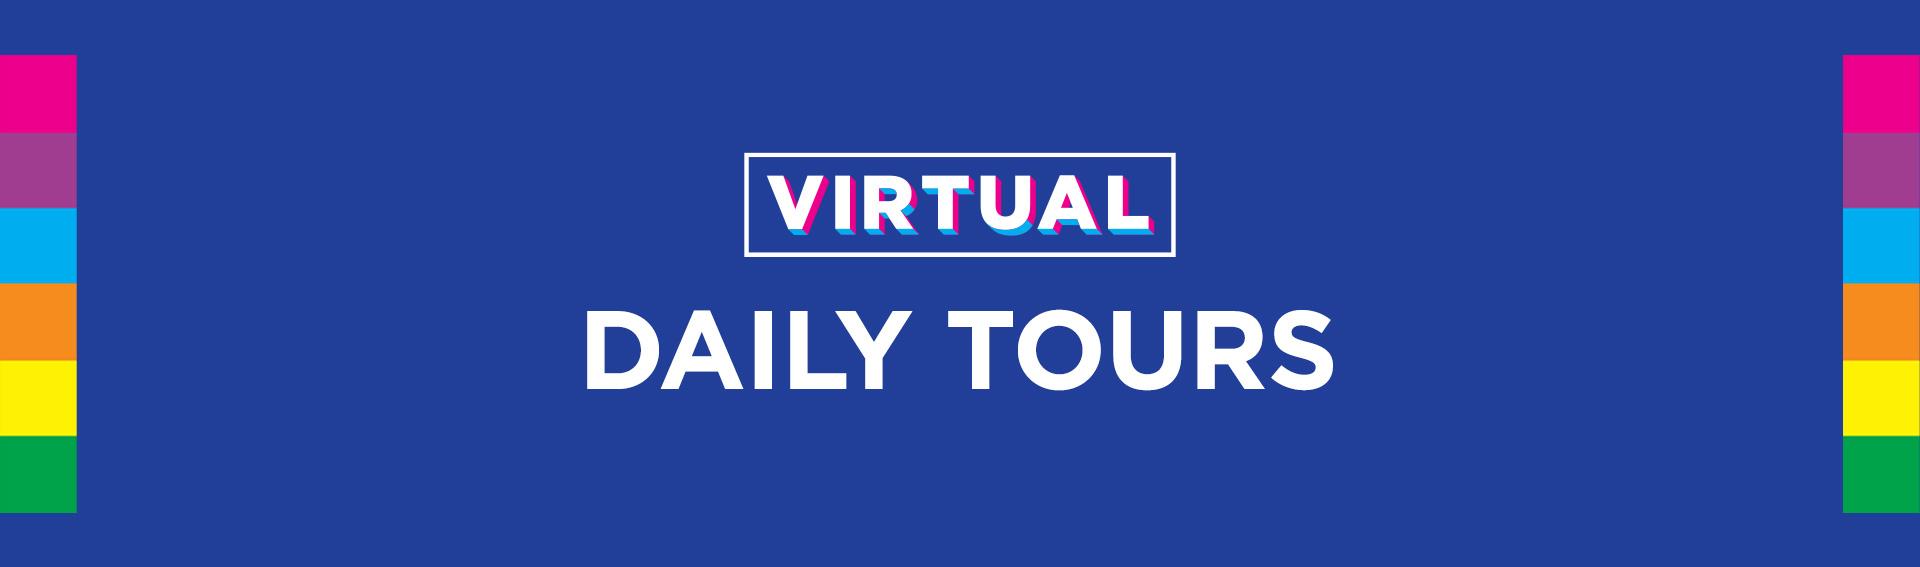 Virtual daily tour logo